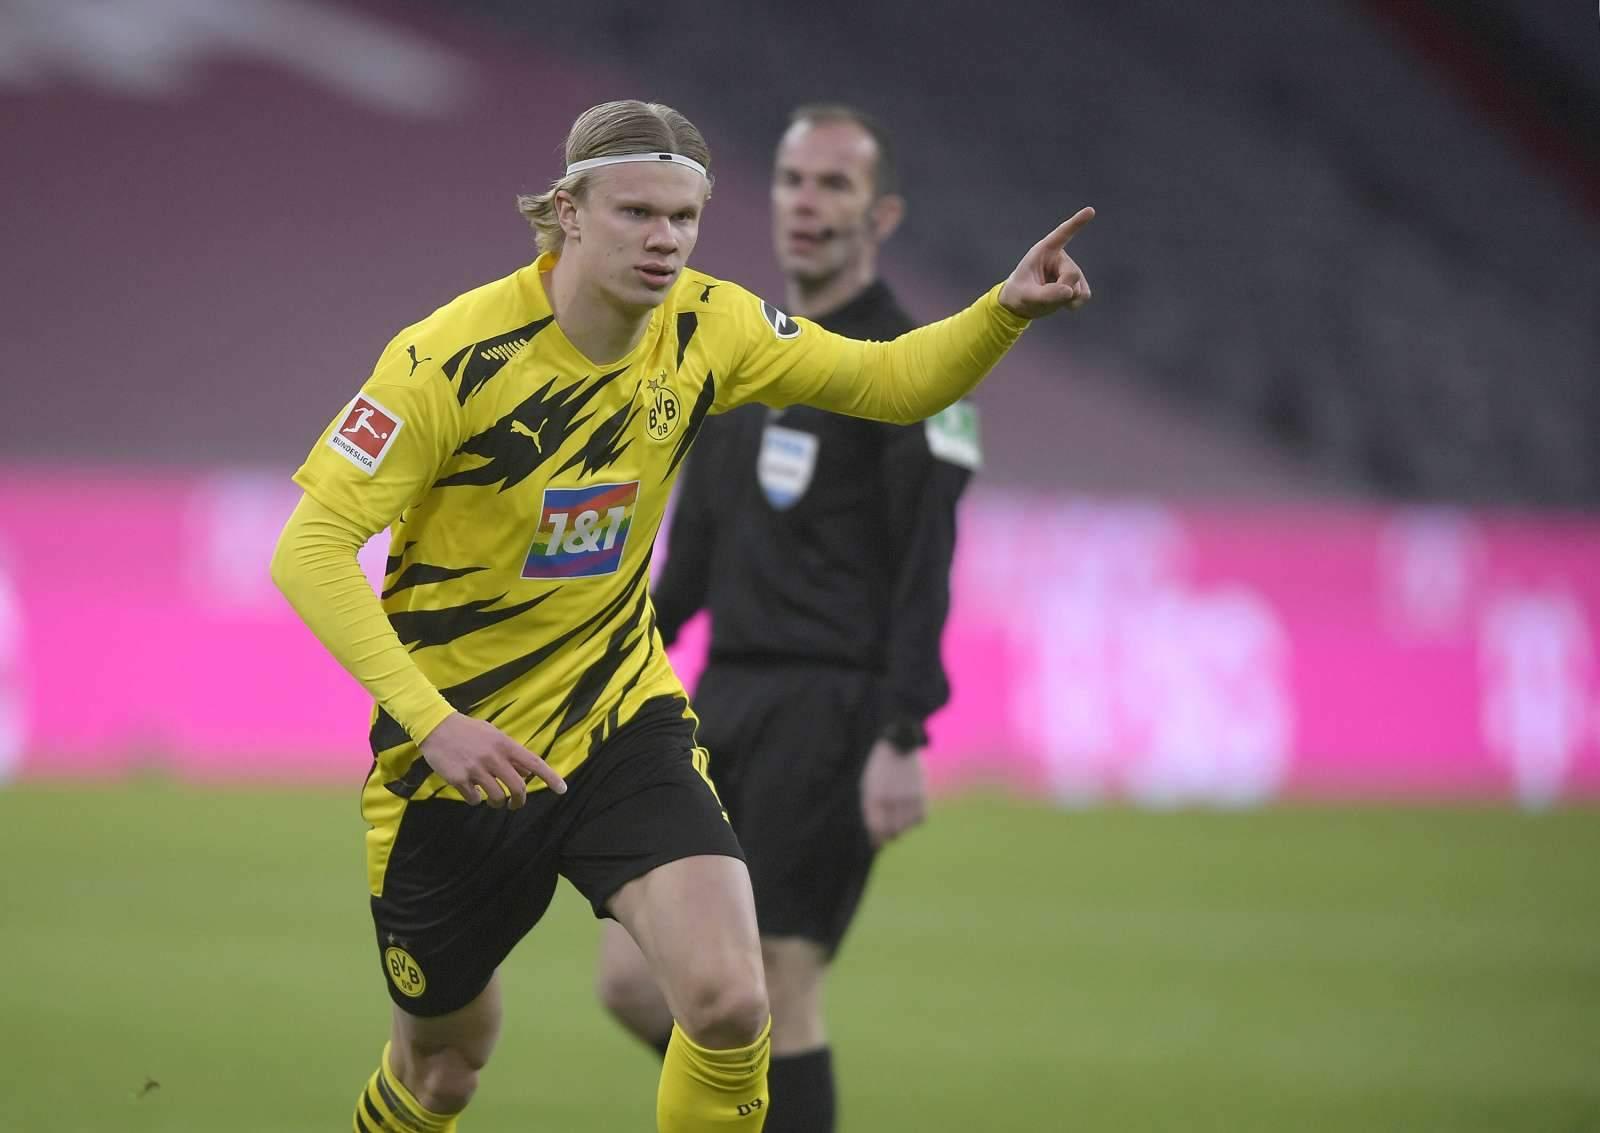 Холанн развил рекордную скорость в сезоне Бундеслиги